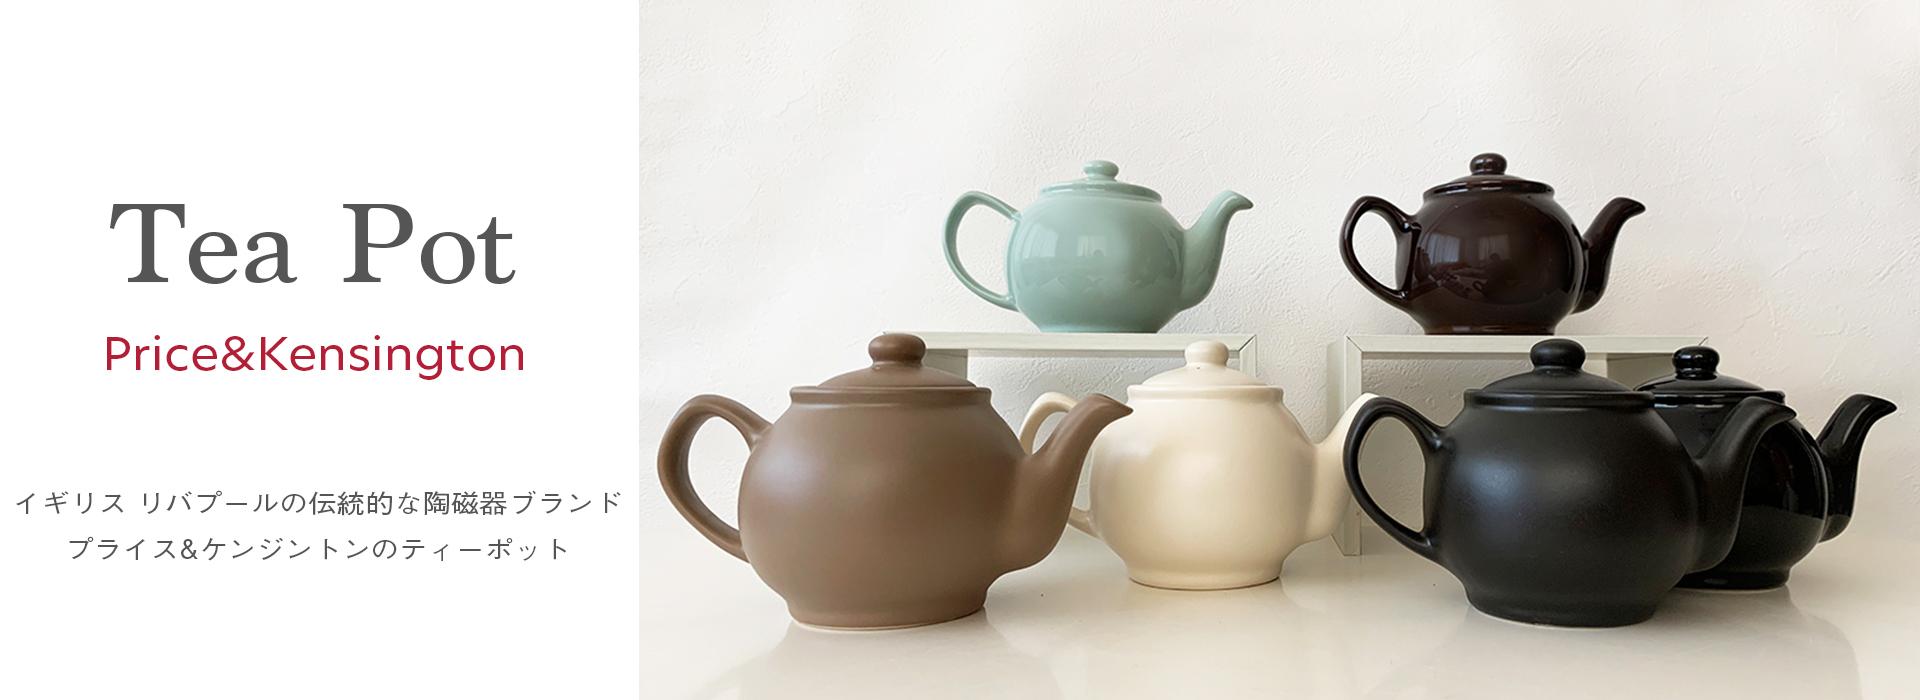 un-slide-teapot1